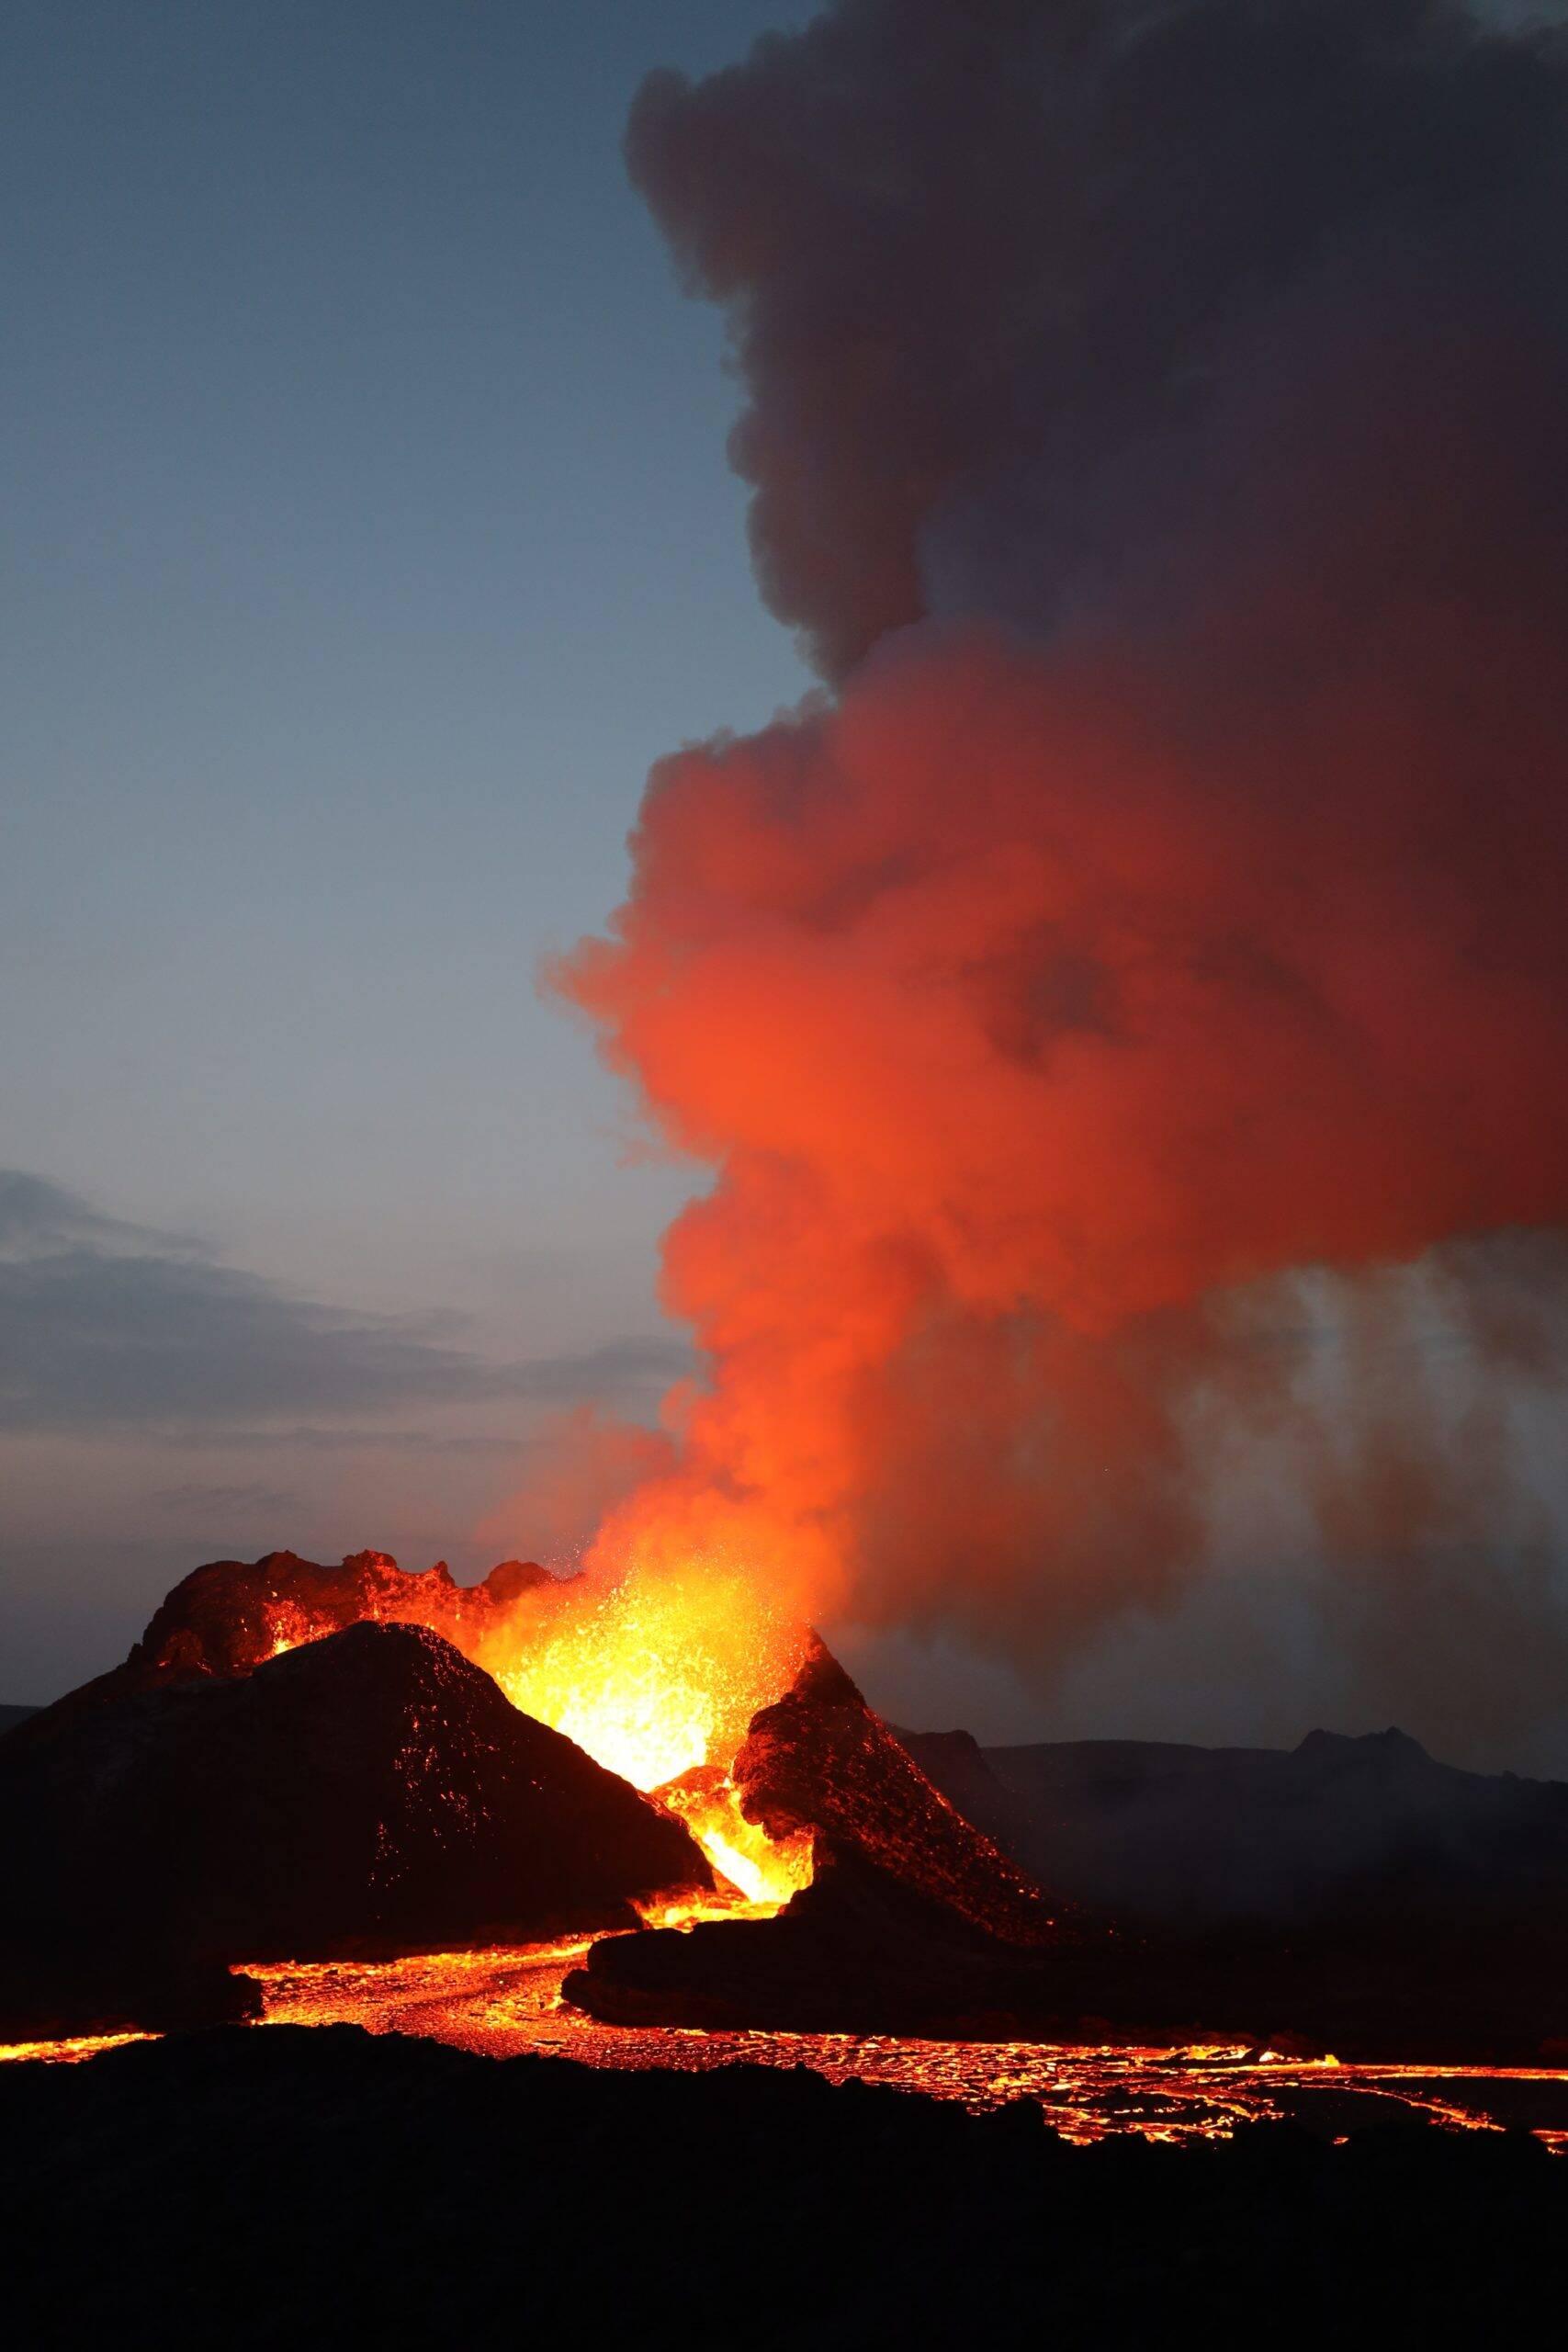 Para que a erupção causasse esse impacto no Brasil, as atividades vulcânicas do Cumbre Vieja teriam que alcançar um nível muito alto de magnitude. (Foto: Unsplash)